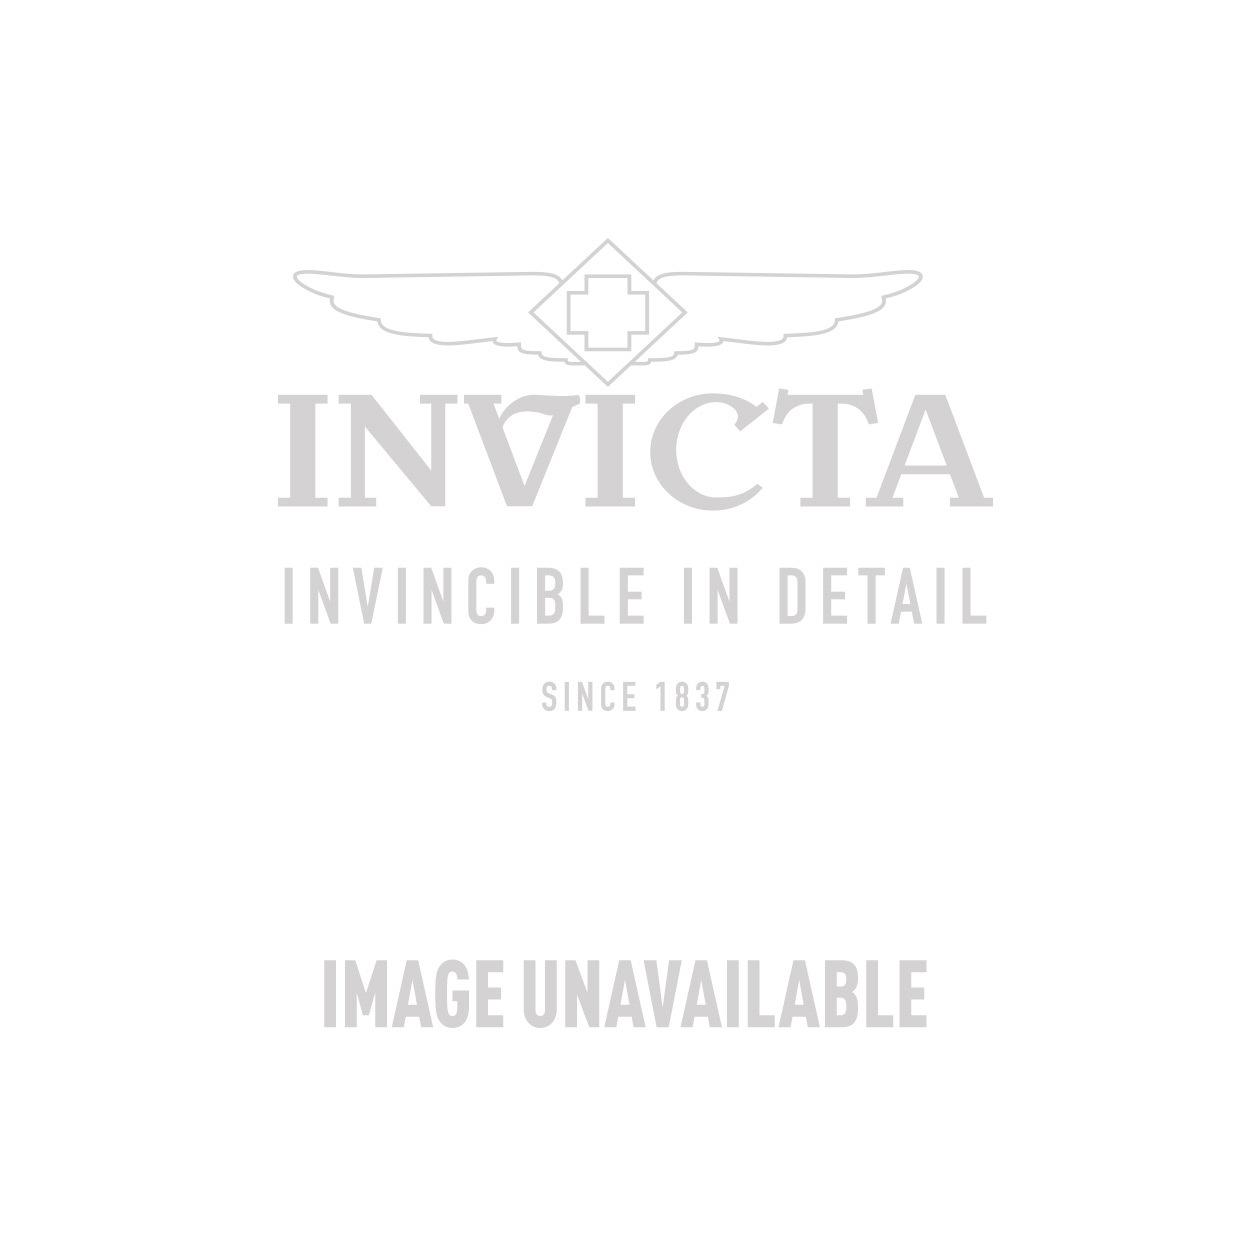 Invicta Model 23954